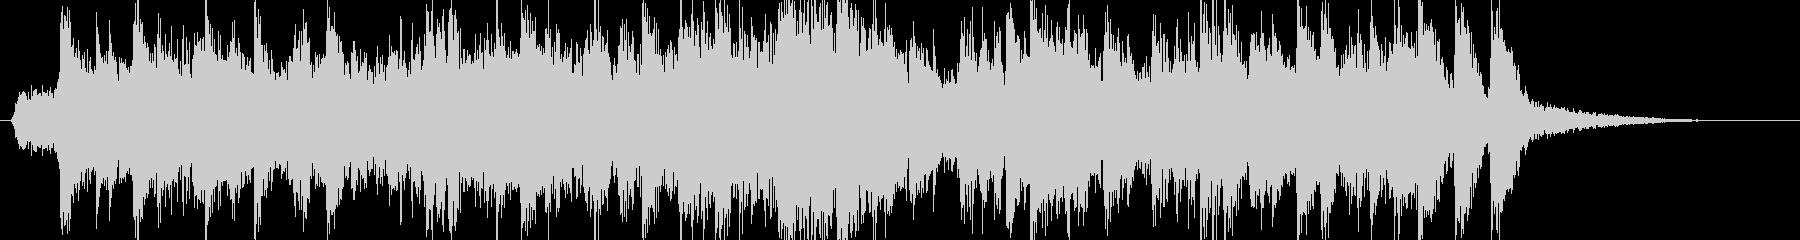 和風オーケストラCM企業VPオープニングの未再生の波形